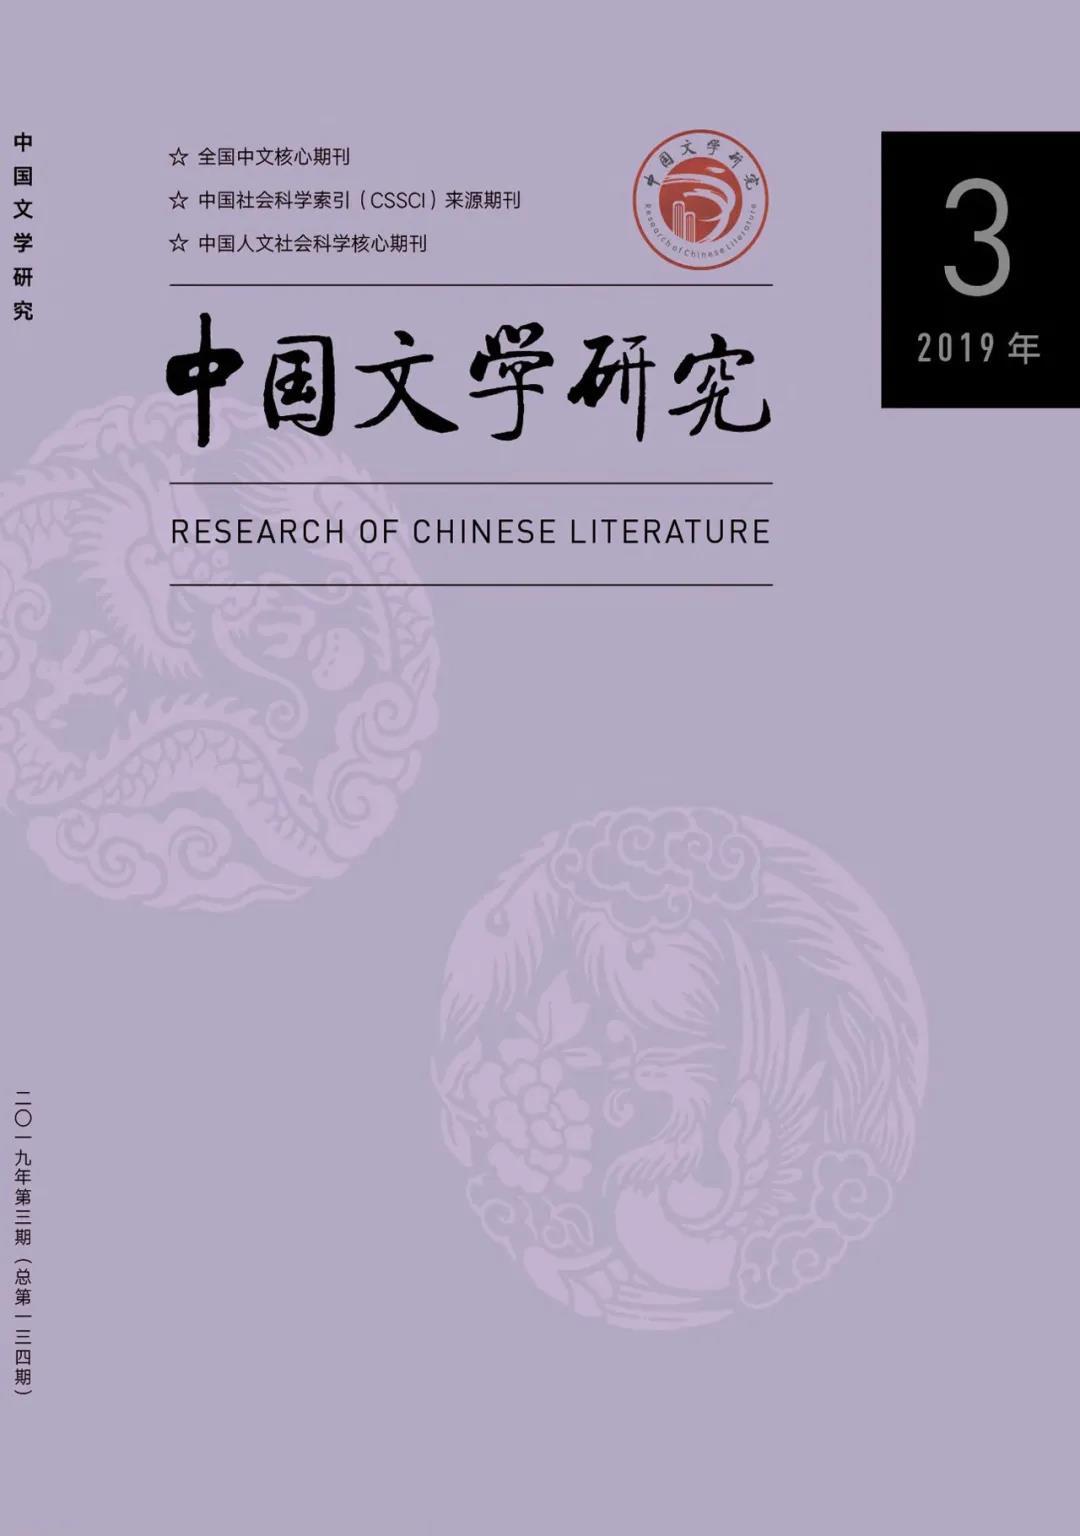 《中国文学研究》2019年第3期 道教文学研究专题